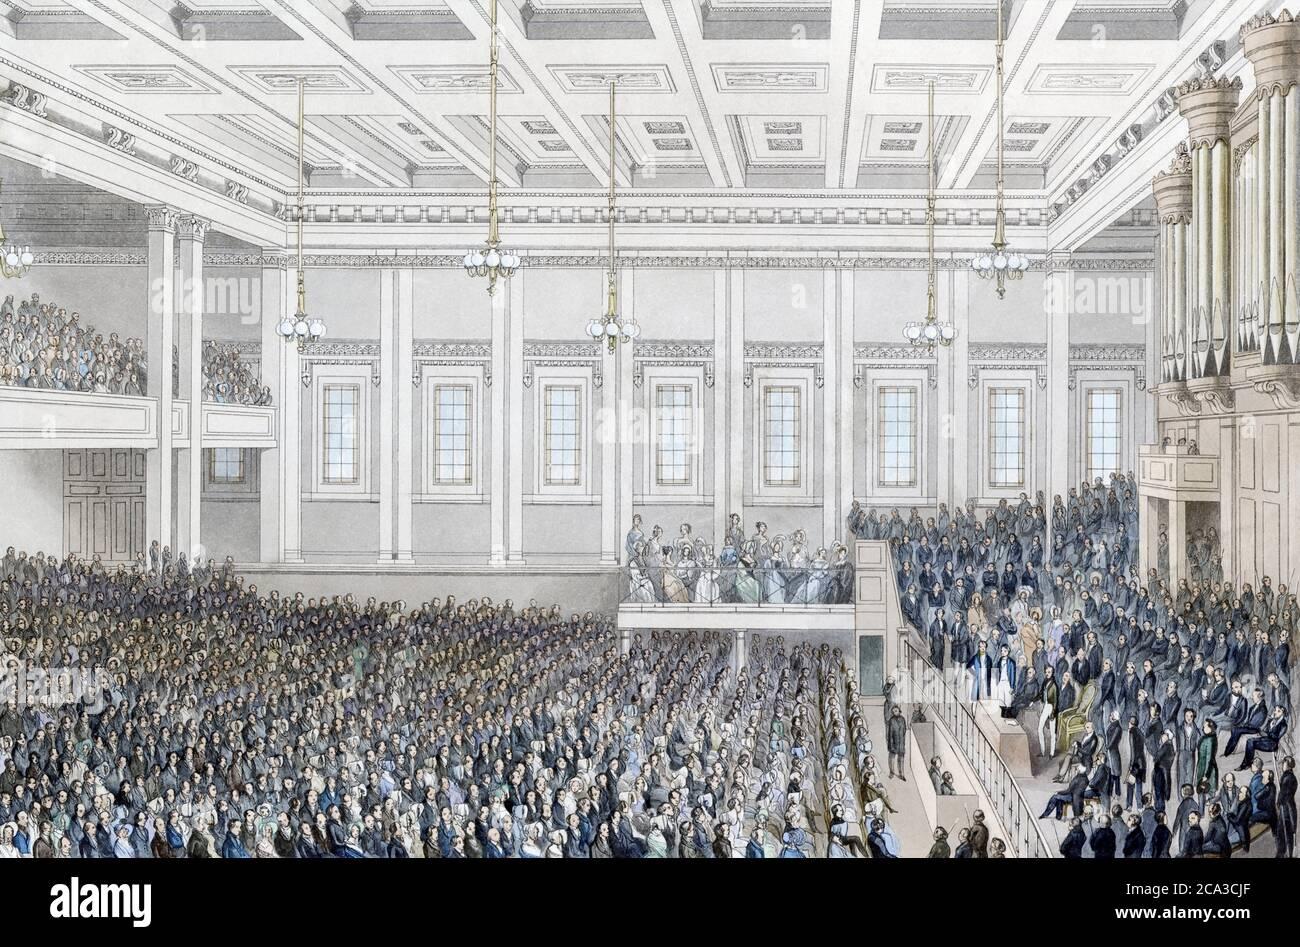 El título completo que aparece debajo de la imagen de esta reunión de Londres contra la esclavitud dice: Reunión de la Sociedad para la extinción de la trata de esclavos, y para la Foto de stock